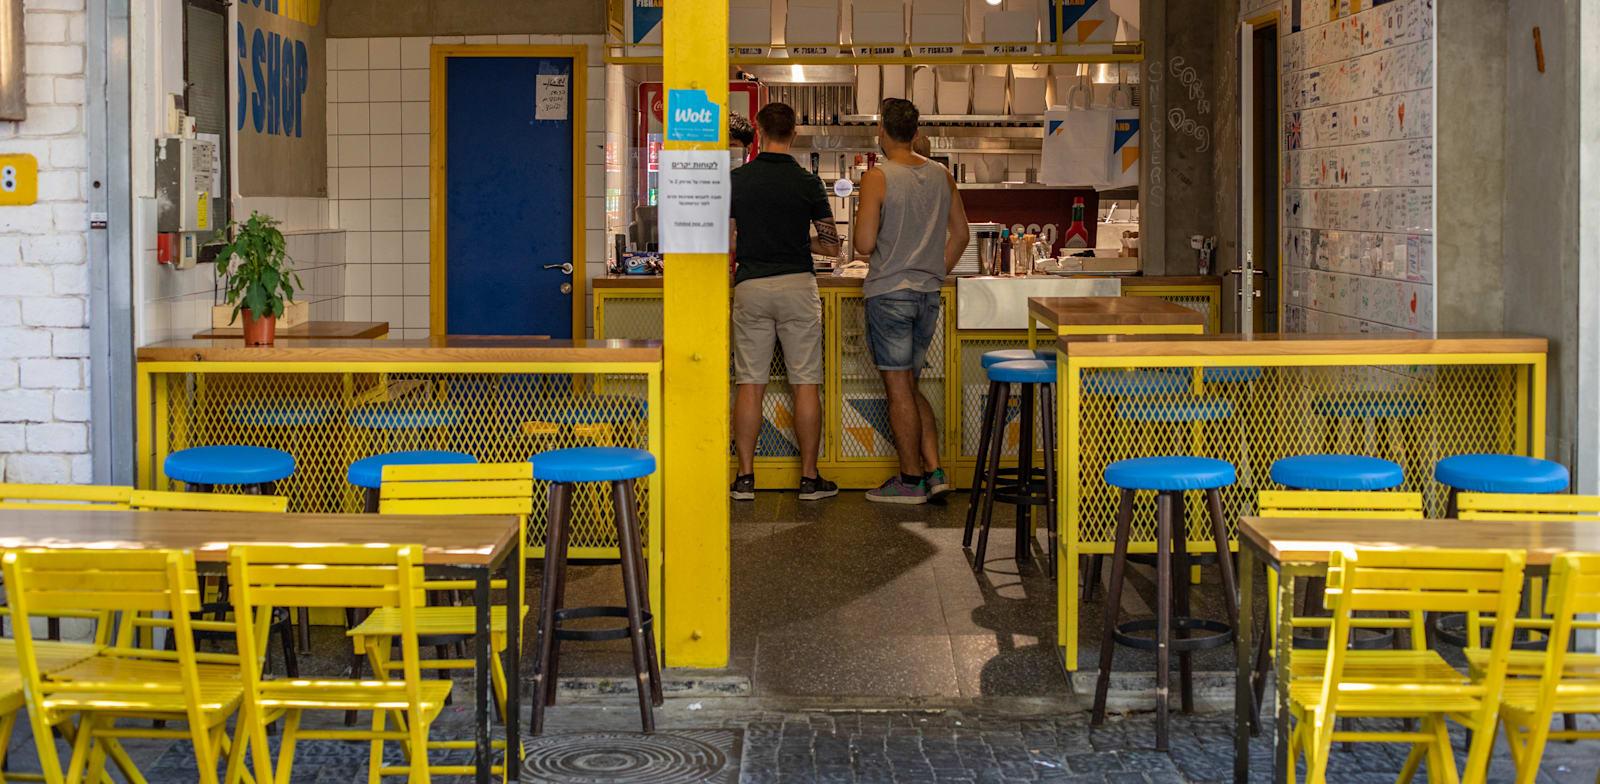 אבטלה בימי קורונה / צילום: כדיה לוי